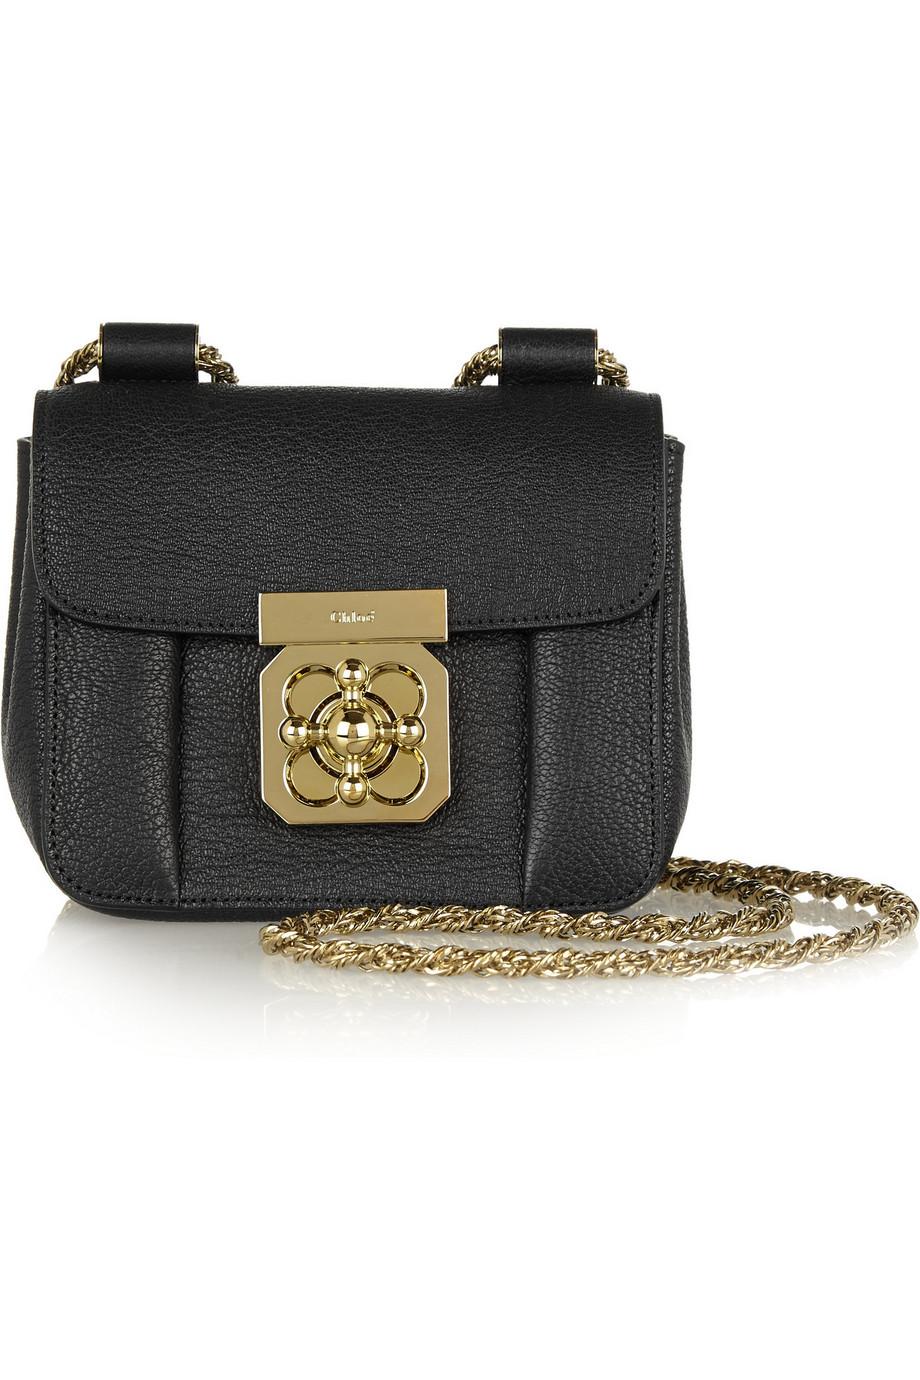 chlo bags - Shoulder Travel Bag �C Page 229 �C Small Designer Shoulder Bag